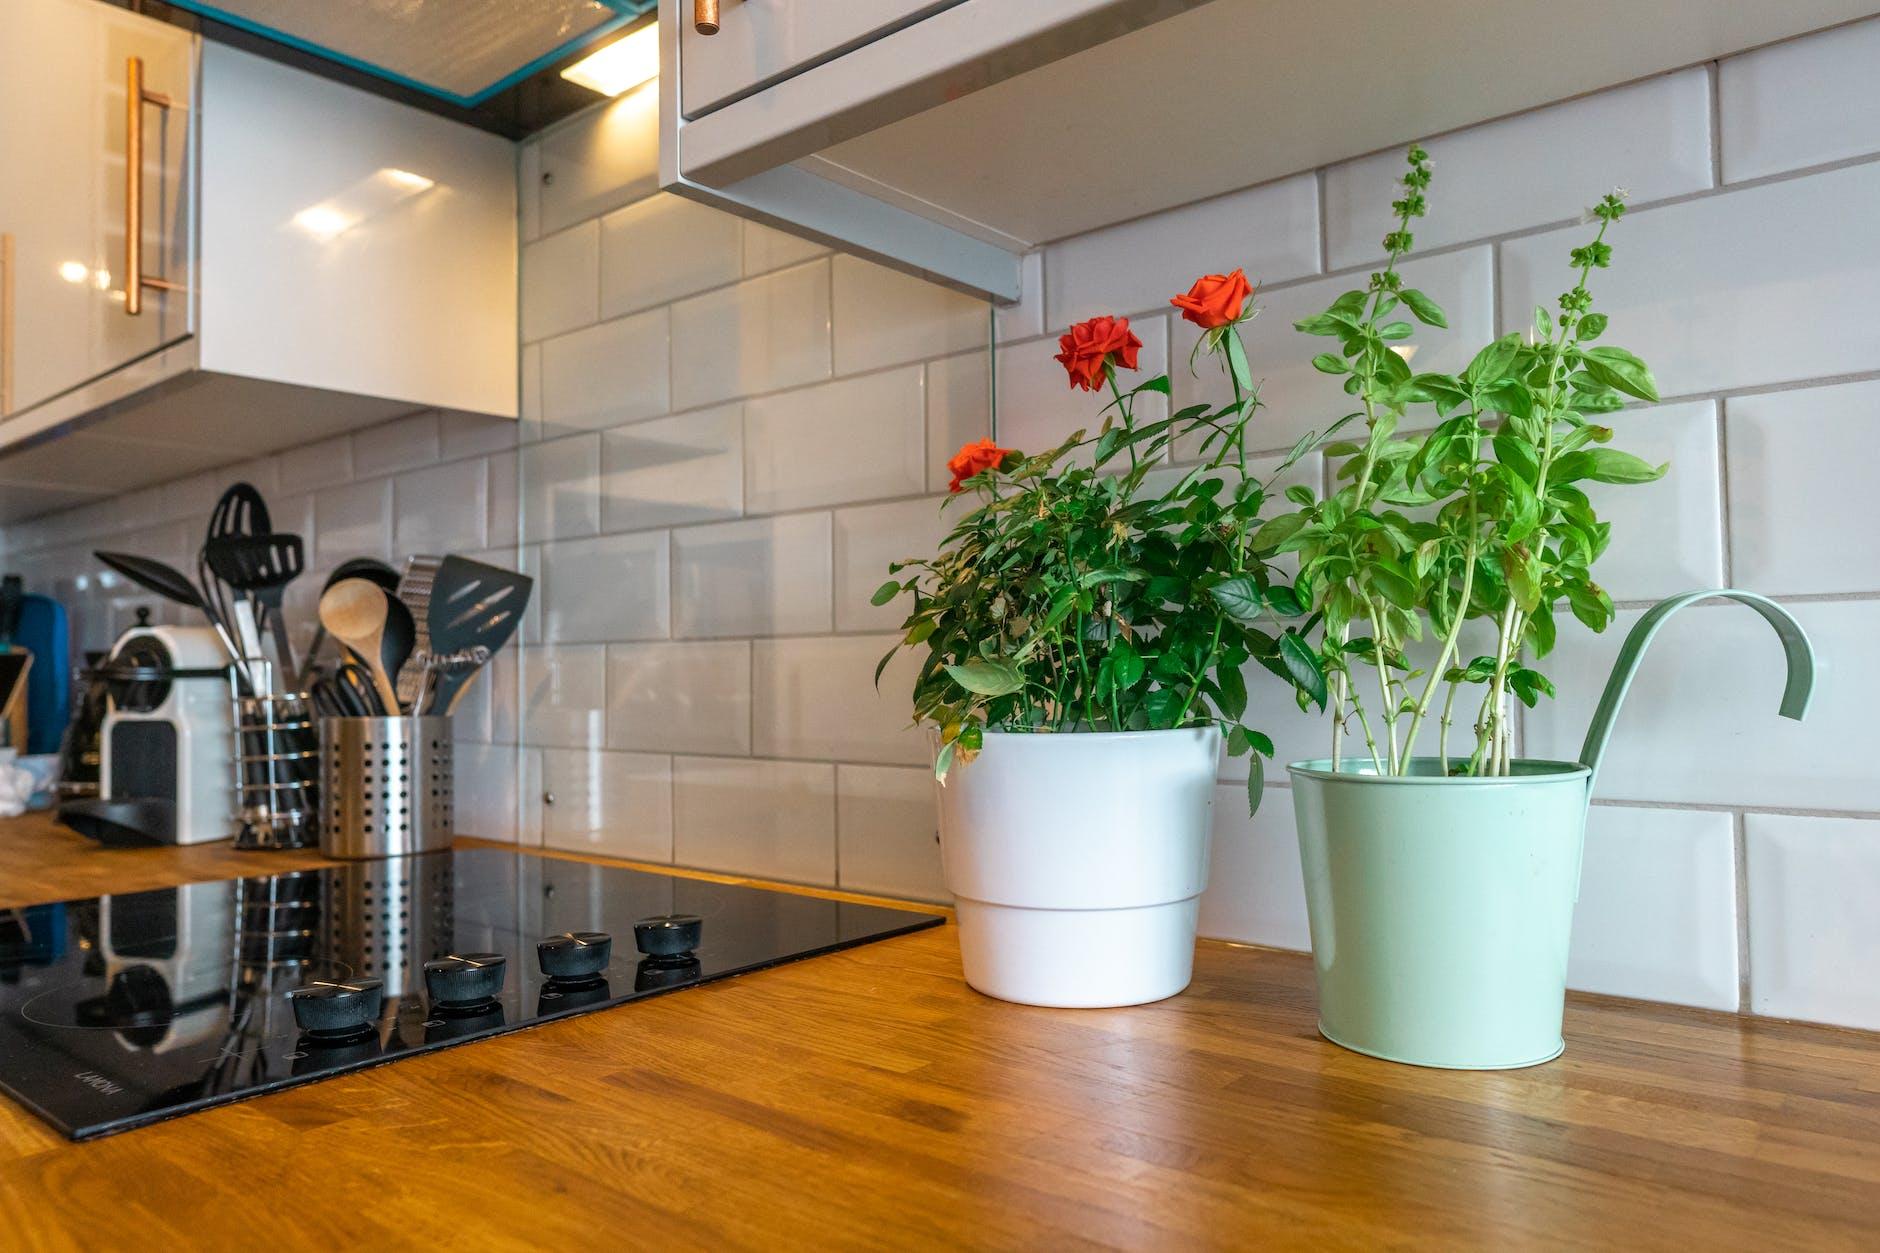 5 найкращих кімнатних рослин для кухн